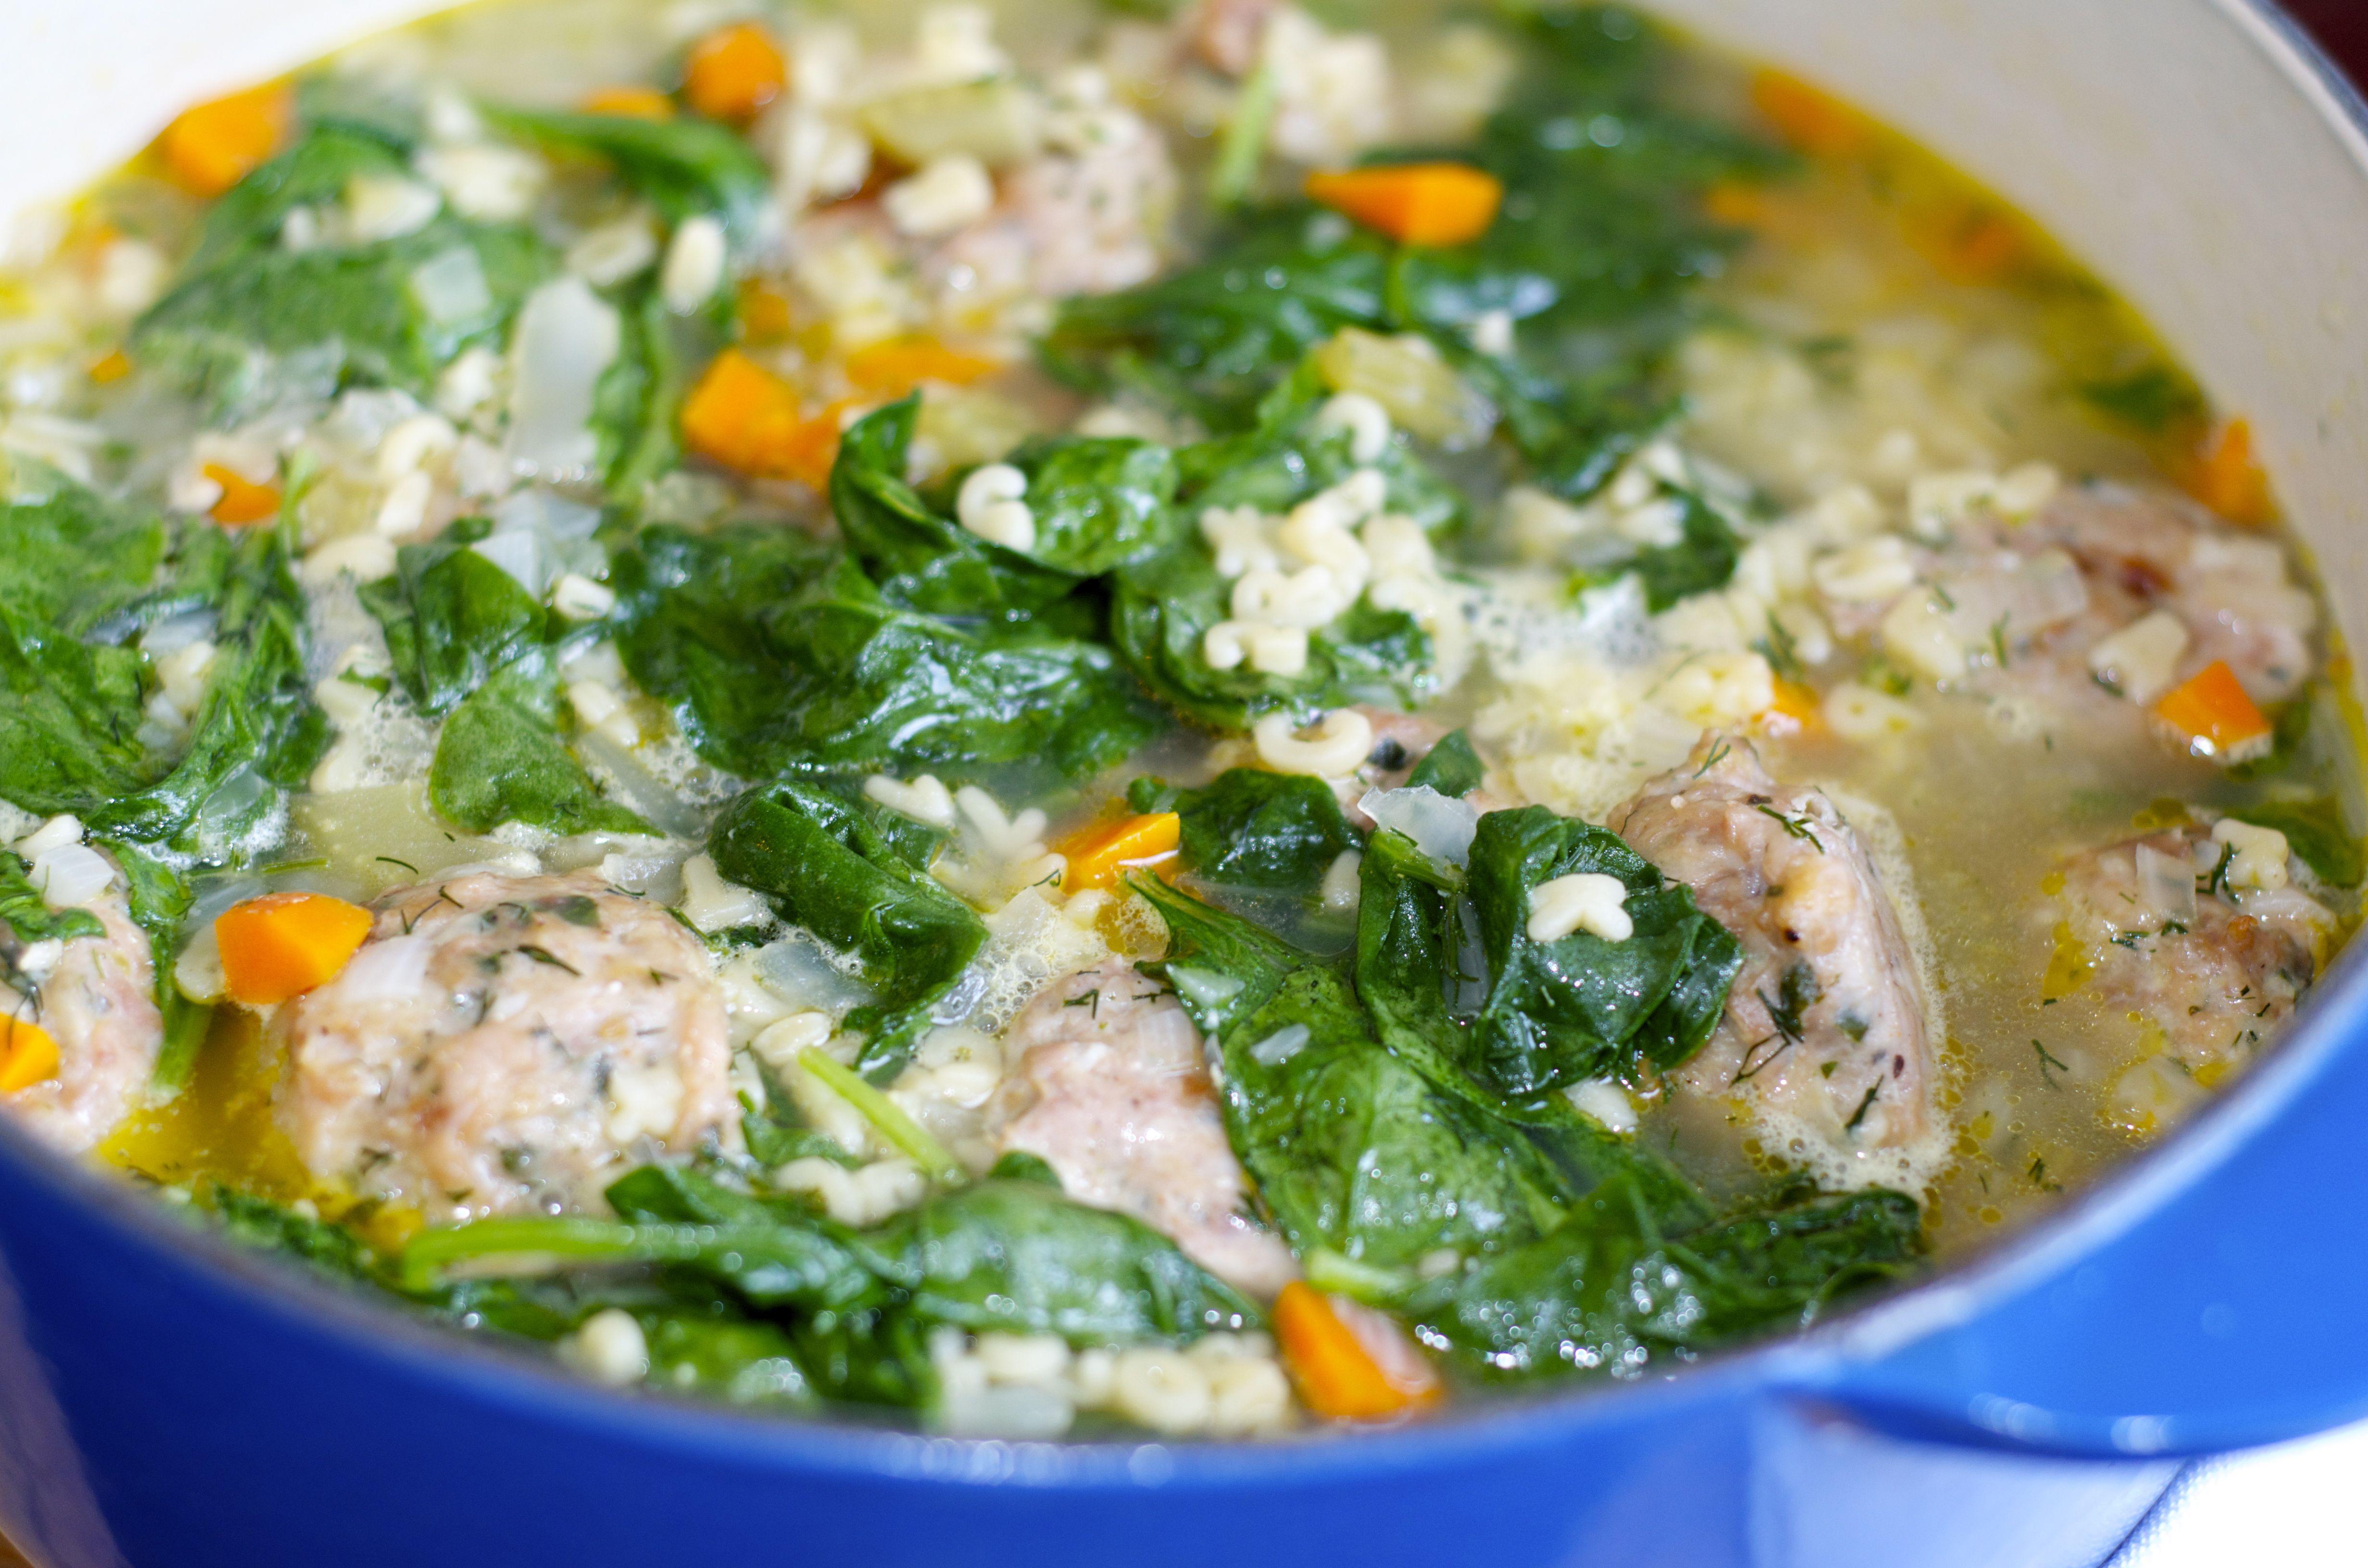 Italian Wedding Soup (With images) Italian wedding soup